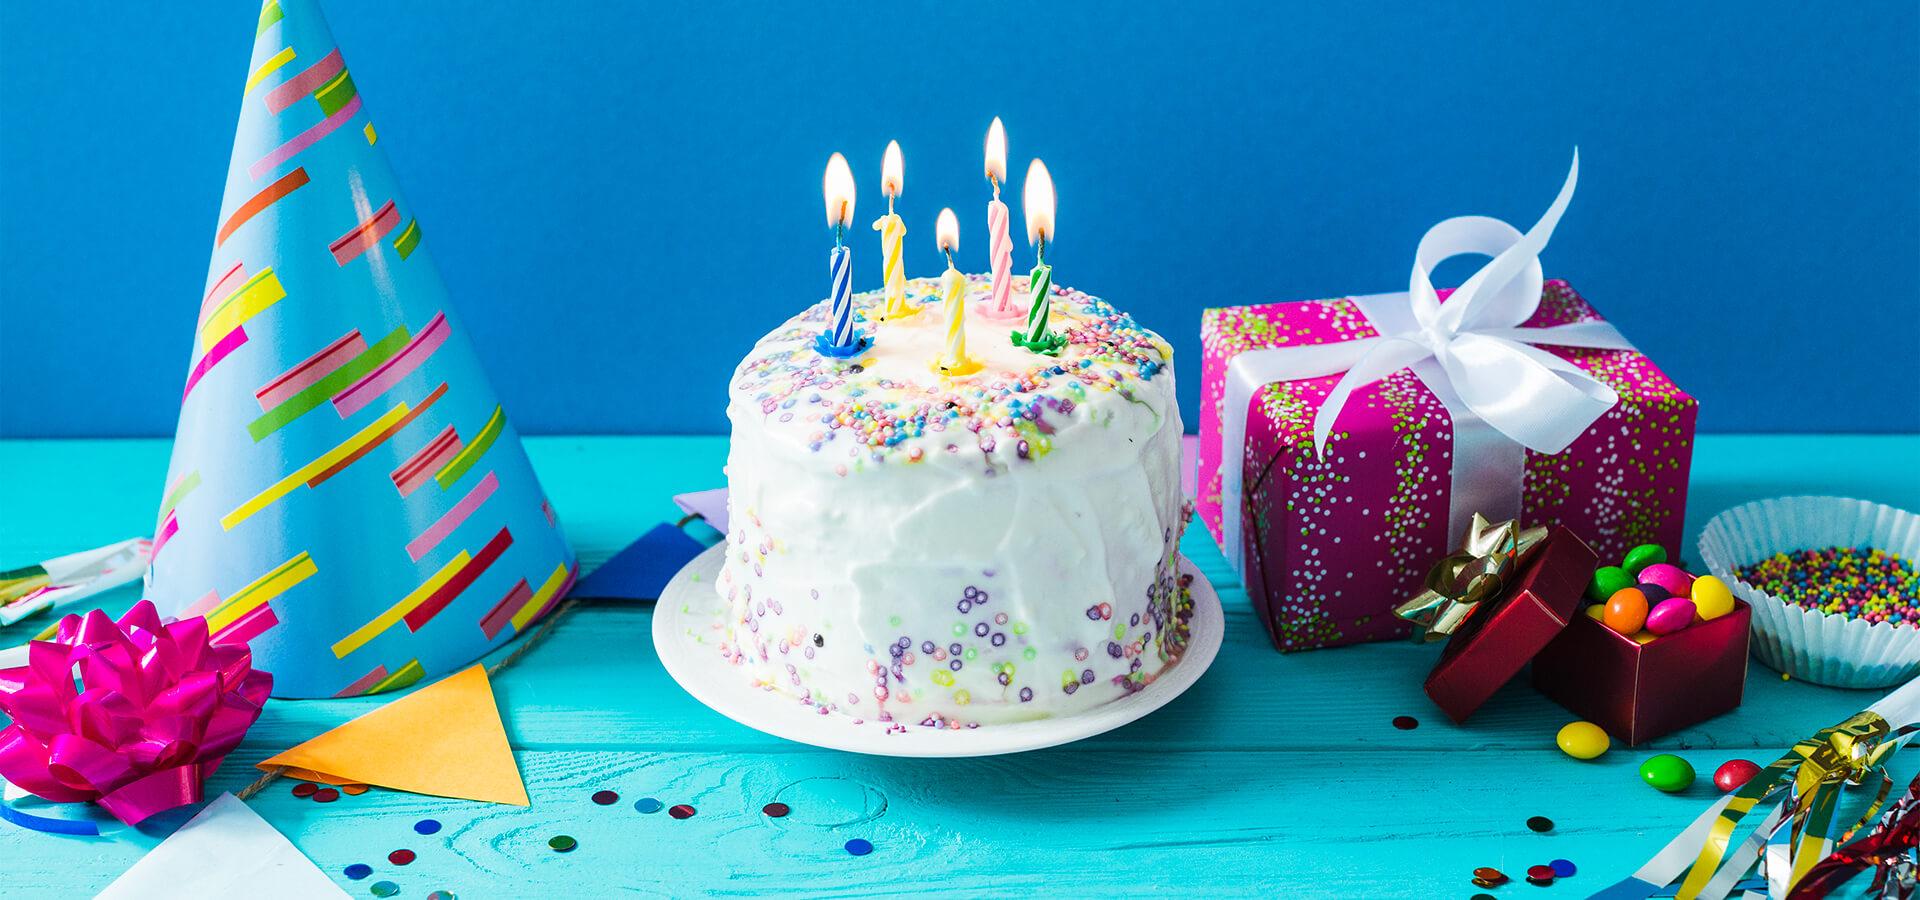 Torte di compleanno per bambini: quale scegliere (con foto)